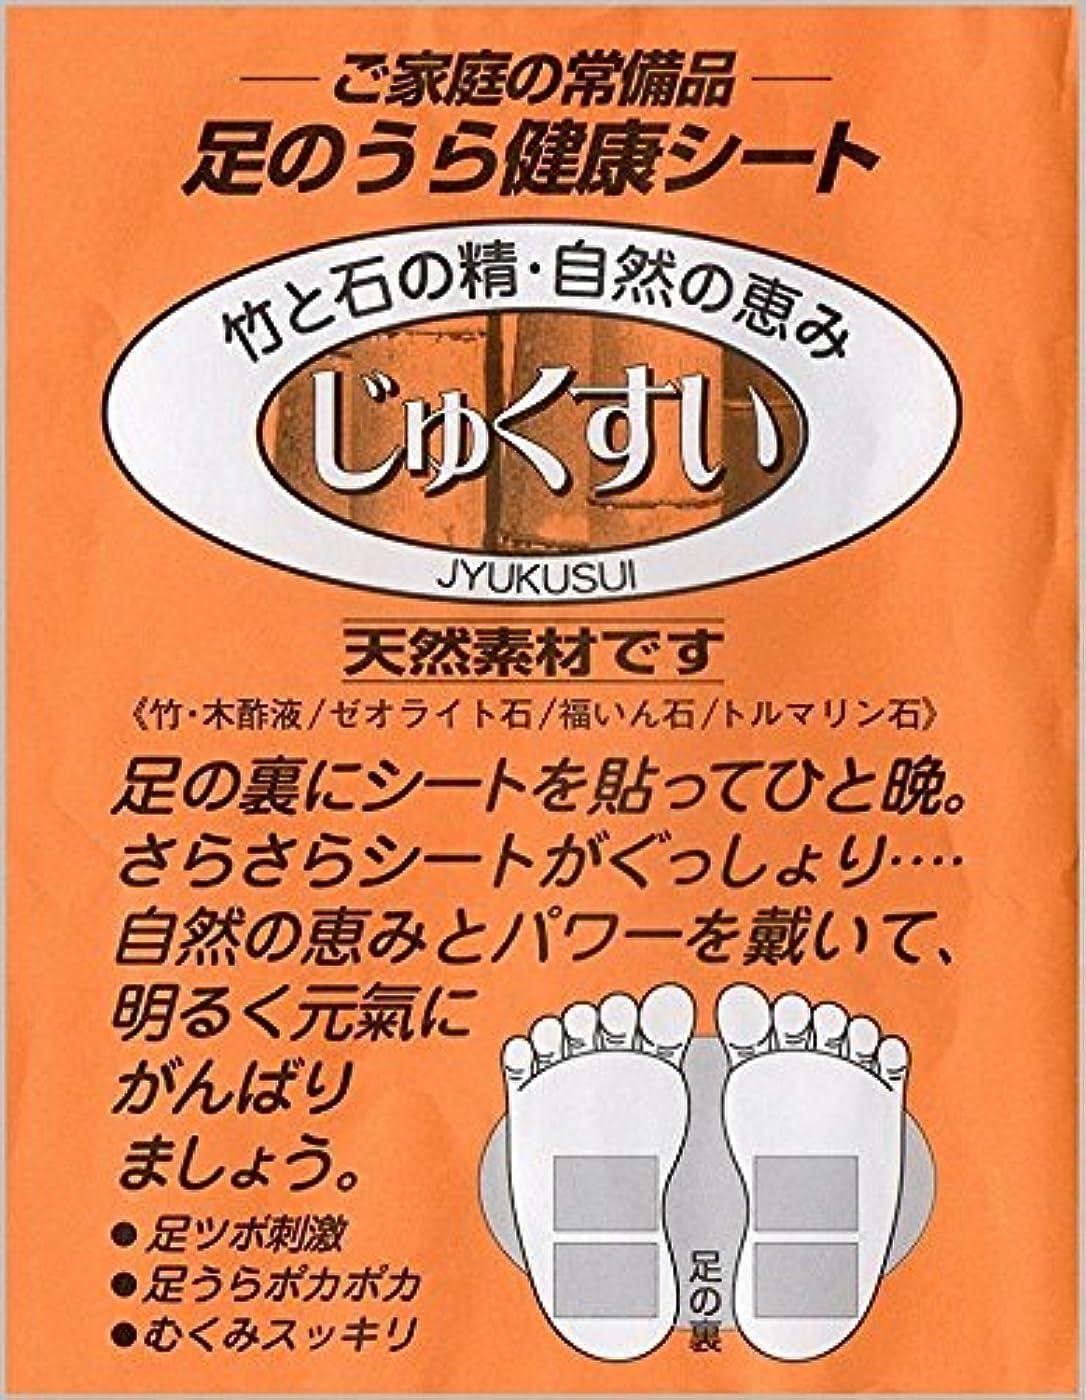 構成する摂氏ビジュアル足のうらシート【樹翆(じゅくすい)】おやすみ前に 20コマ